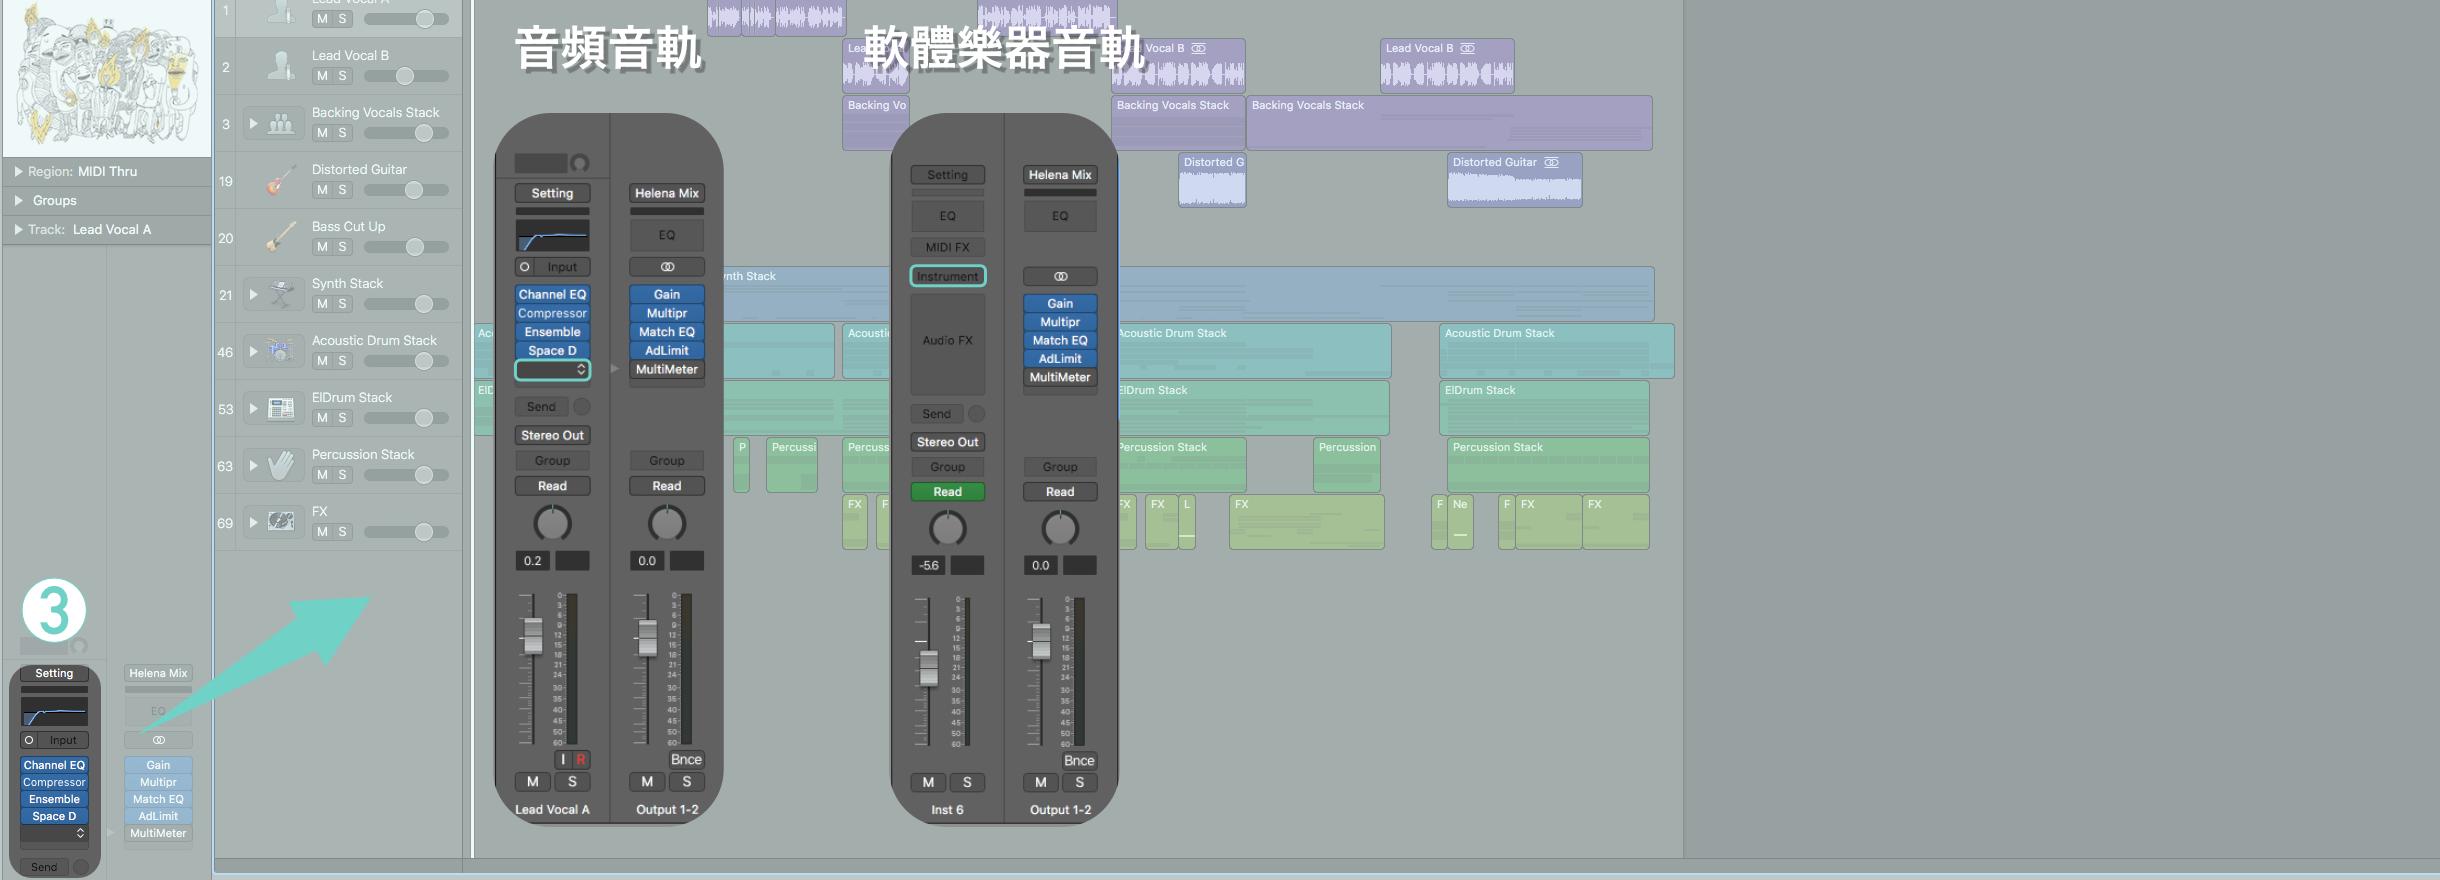 在 Inspector 視窗中可以清楚地看到目前所選取的音軌掛載了什麼 Plug-ins ;點選空白的 Effect slot (效果插槽) 即會出現效果插件清單。